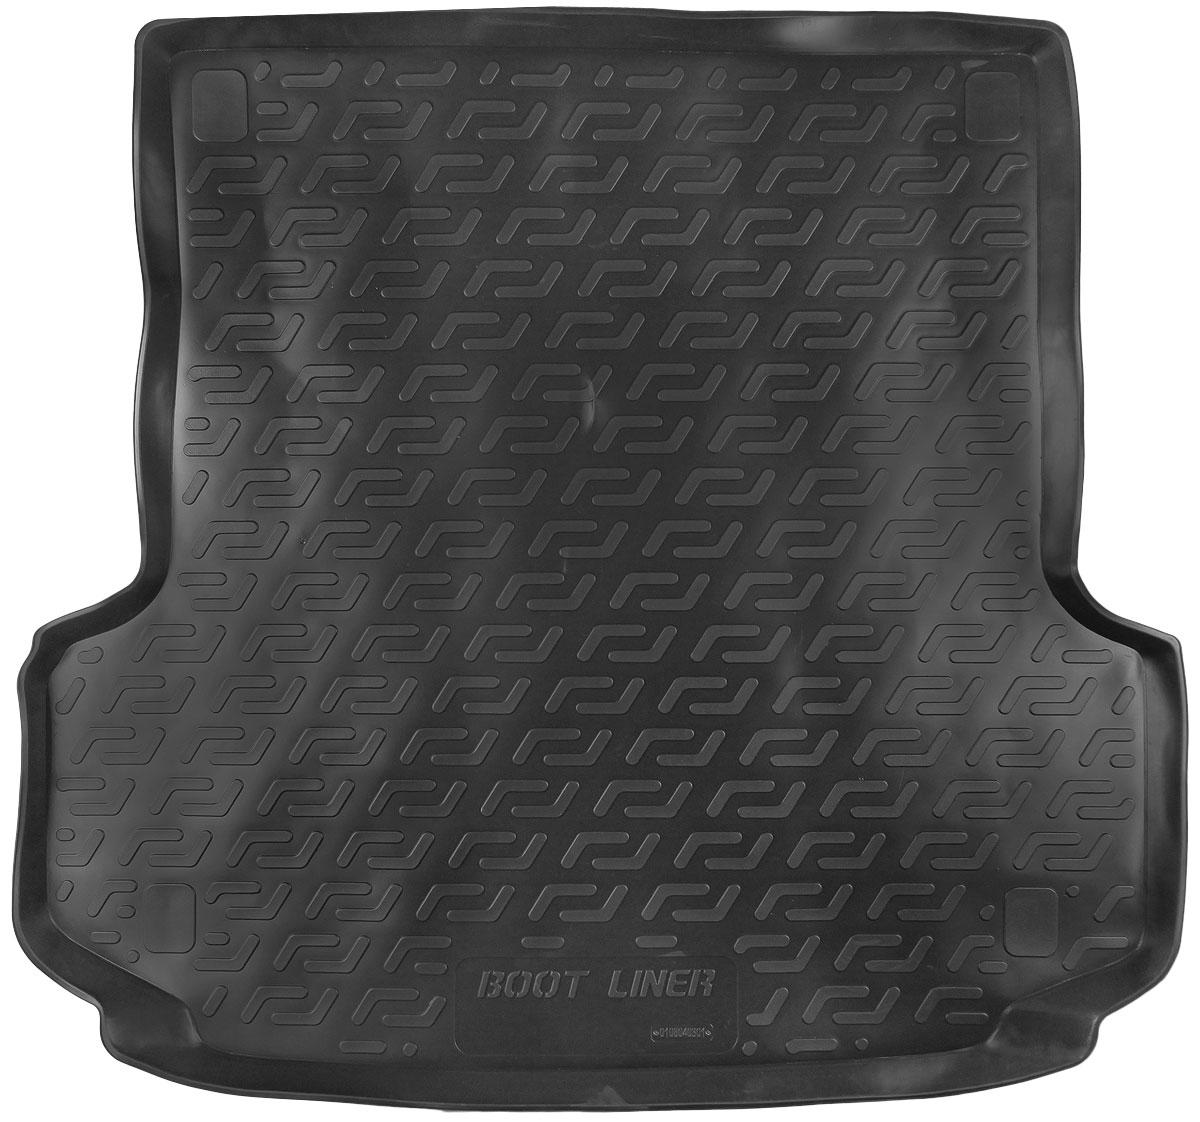 Коврик в багажник L.Locker, для Mitsubishi Pajero Sport II (08-)VT-1520(SR)Коврик L.Locker производится индивидуально для каждой модели автомобиля из современного и экологически чистого материала. Изделие точно повторяет геометрию пола автомобиля, имеет высокий борт, обладает повышенной износоустойчивостью, антискользящими свойствами, лишен резкого запаха и сохраняет свои потребительские свойства в широком диапазоне температур (от -50°С до +80°С).